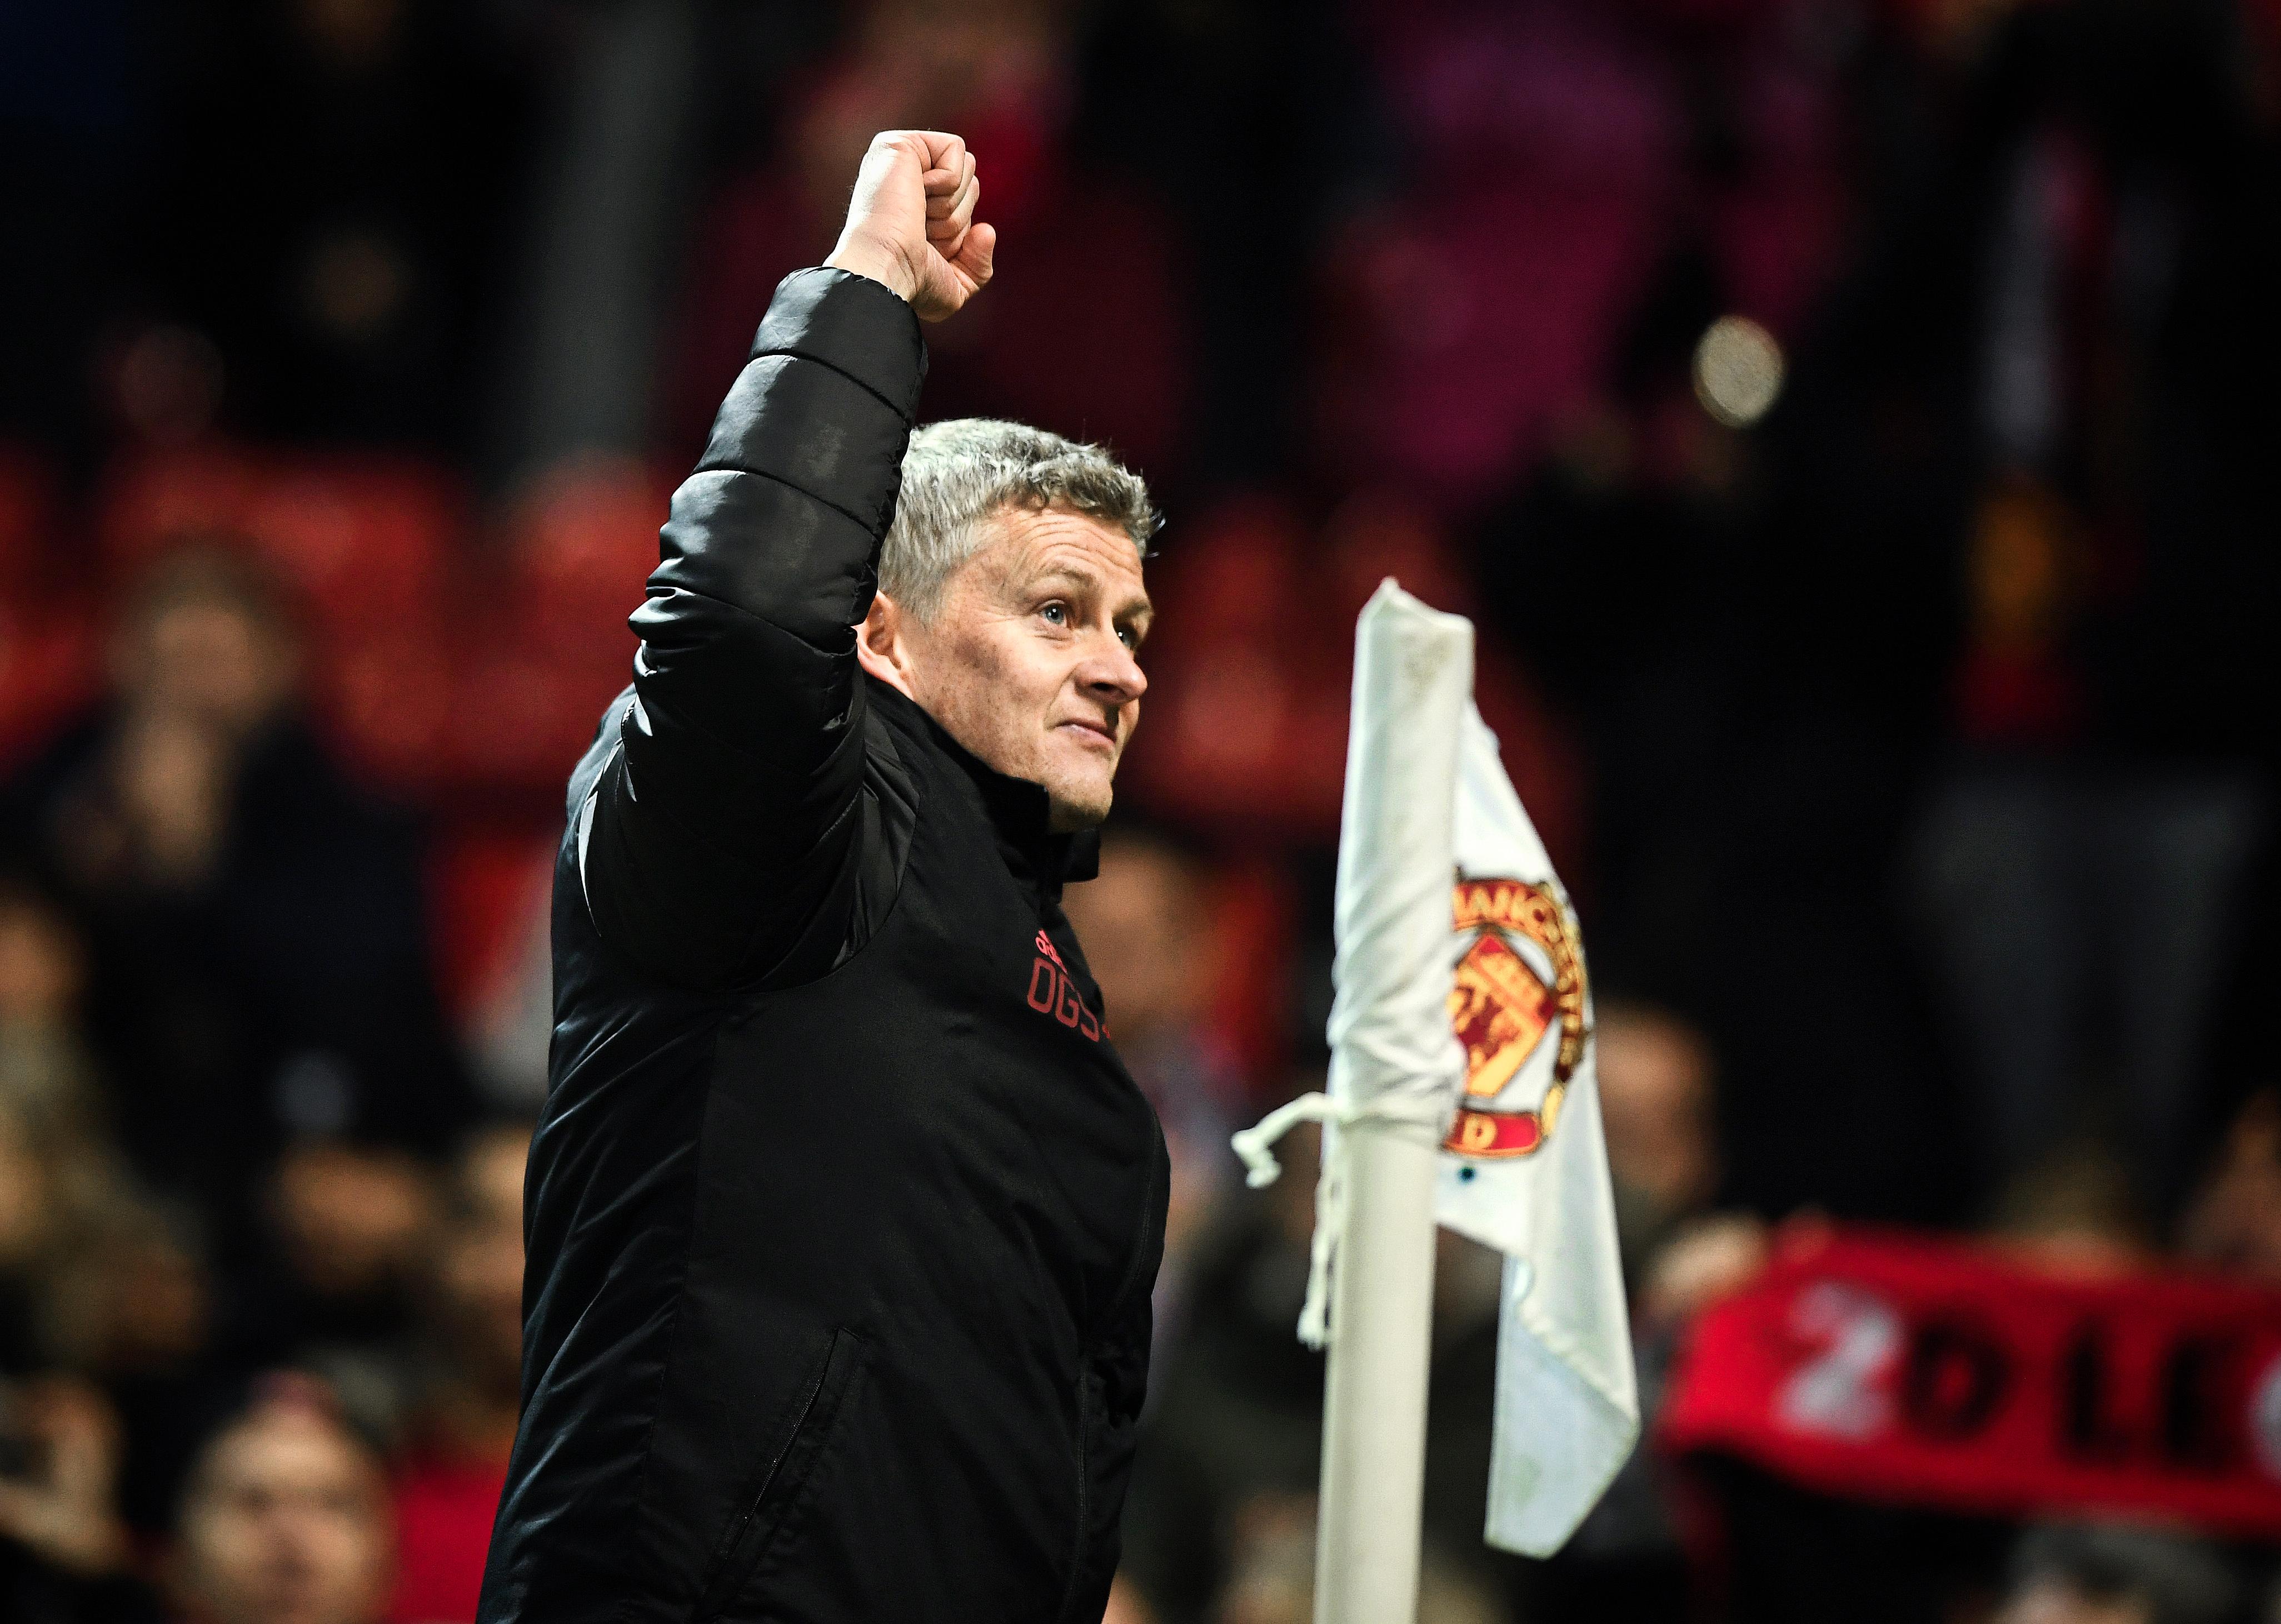 如果PAUL POGBA离开,为什么SERGEJMILINKOVIĆ-SAVIĆ是曼彻斯特联队的最佳选择